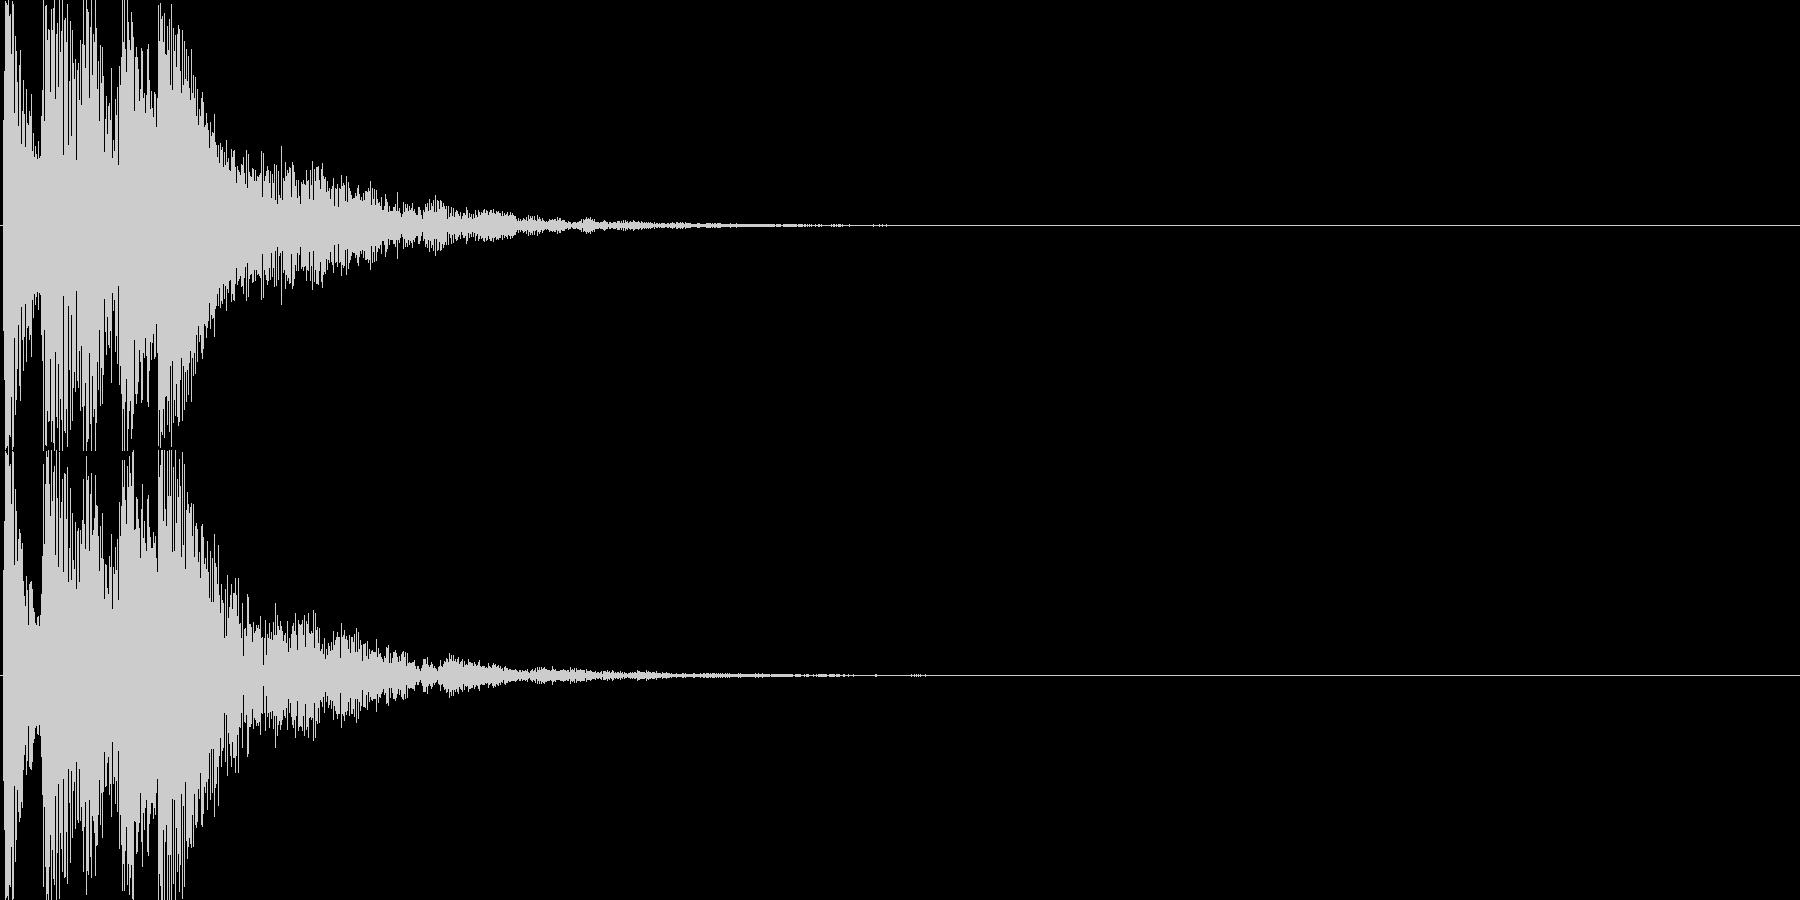 ピコ(ゲーム、アプリなどの操作音05)の未再生の波形